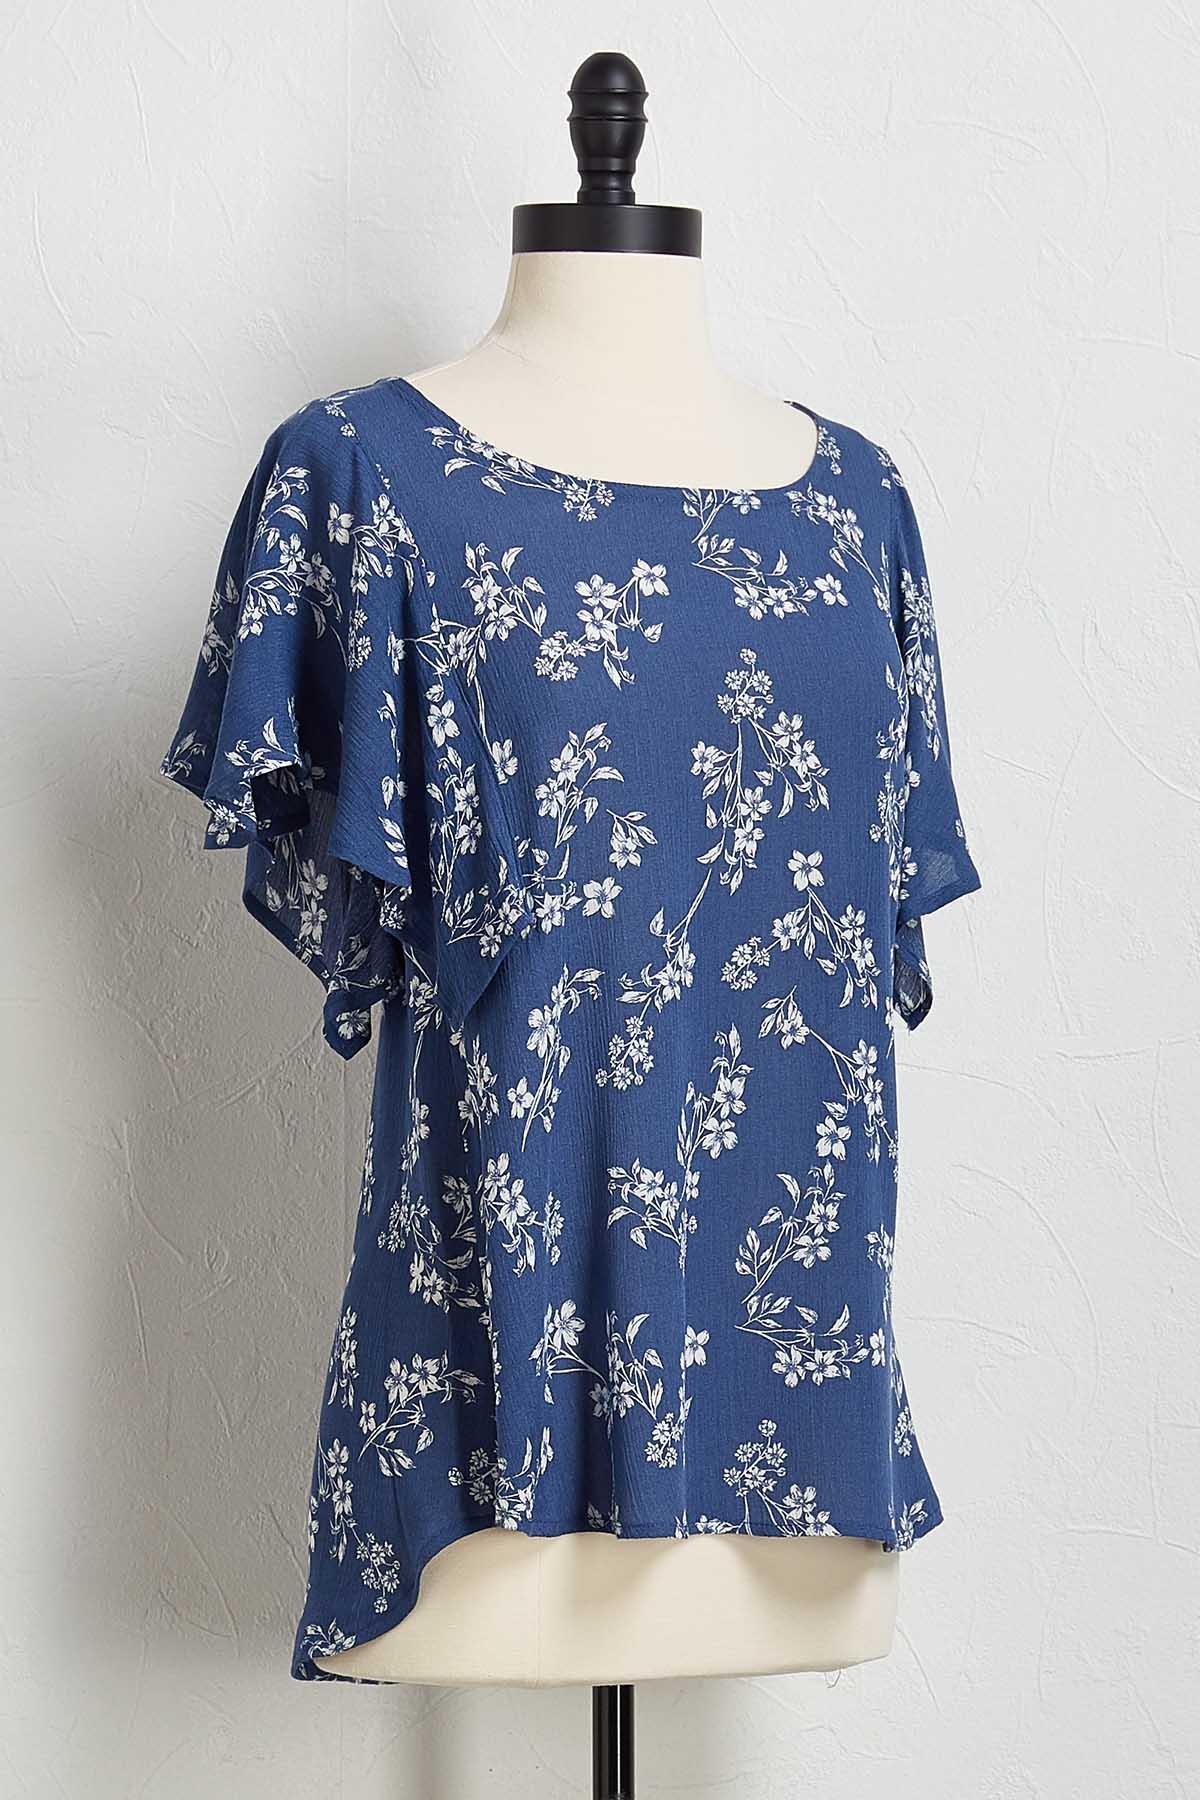 Blue Floral Flutter Sleeve Top